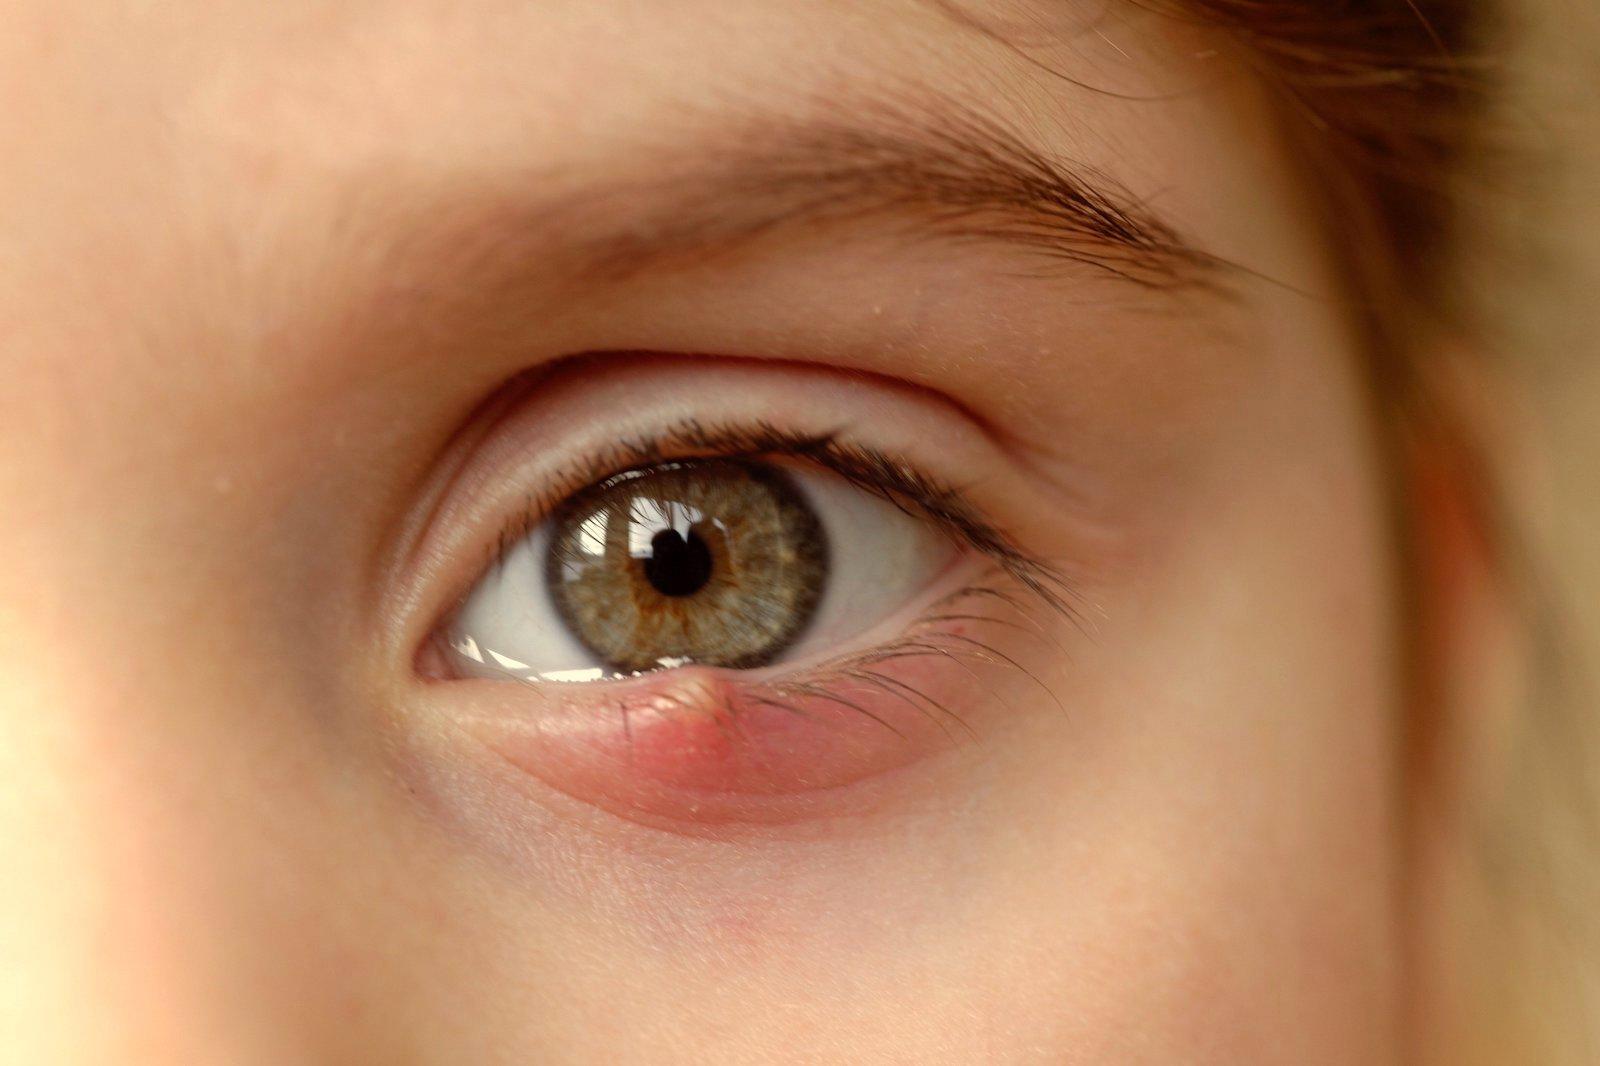 remediu pentru ochi rețetă de remediu casnic pentru îmbunătățirea vederii